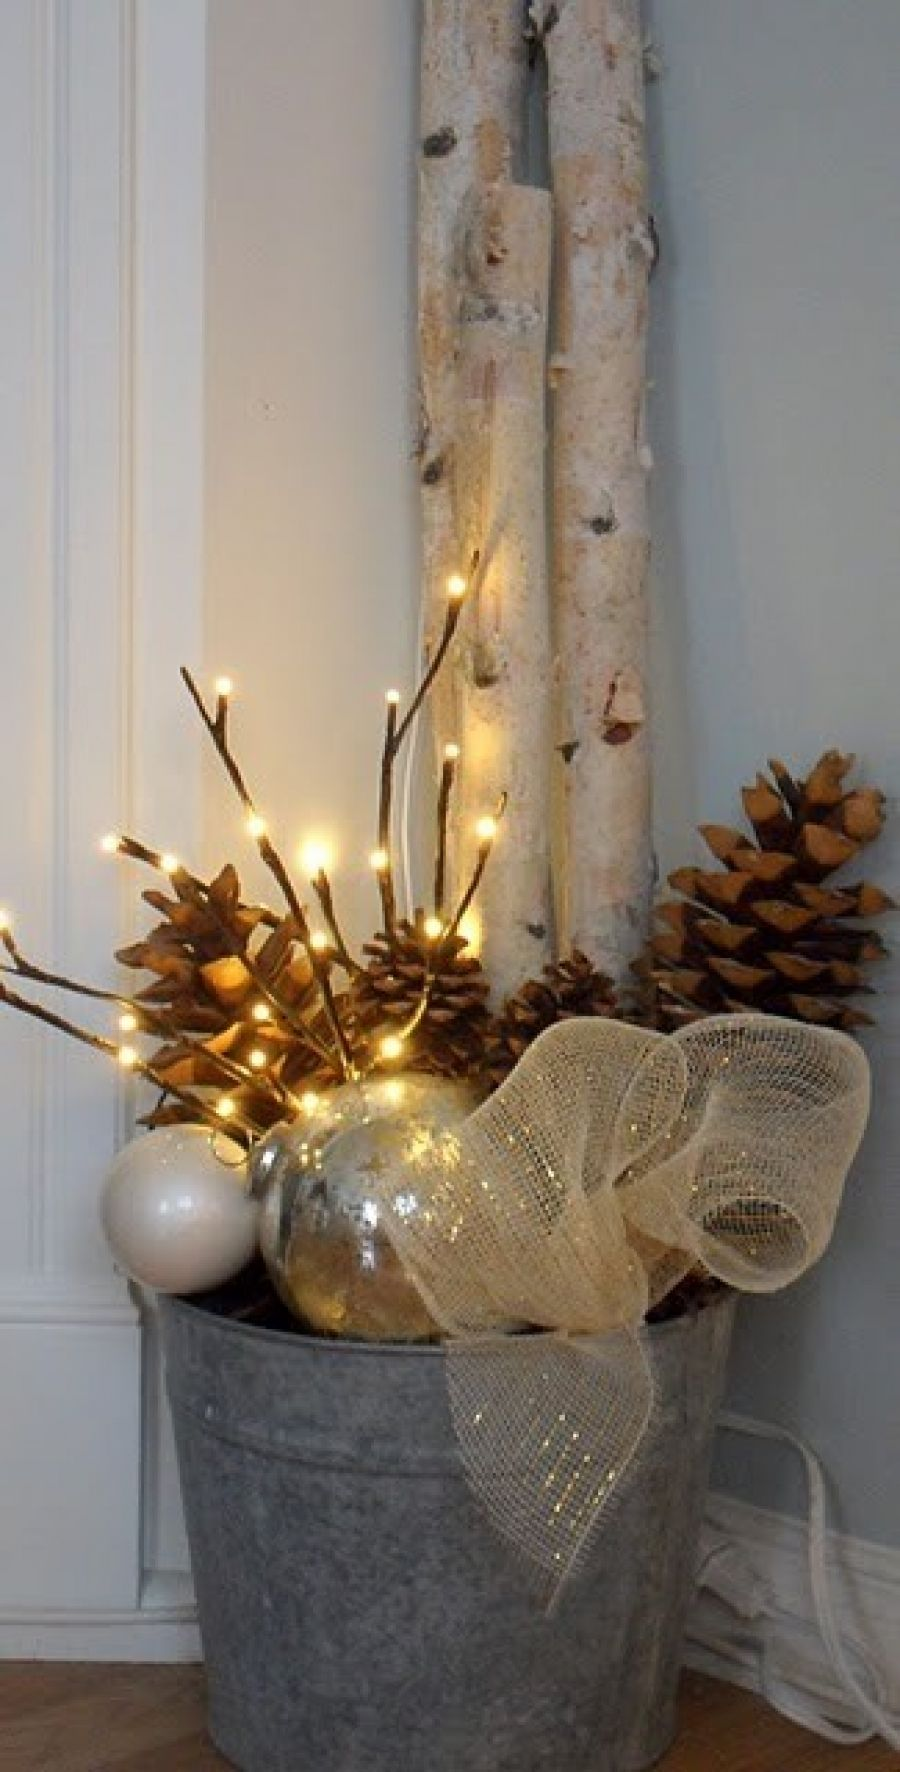 Δημιουργήστε με απλά υλικά χριστουγεννιάτικη διακόσμηση για το σπίτι !